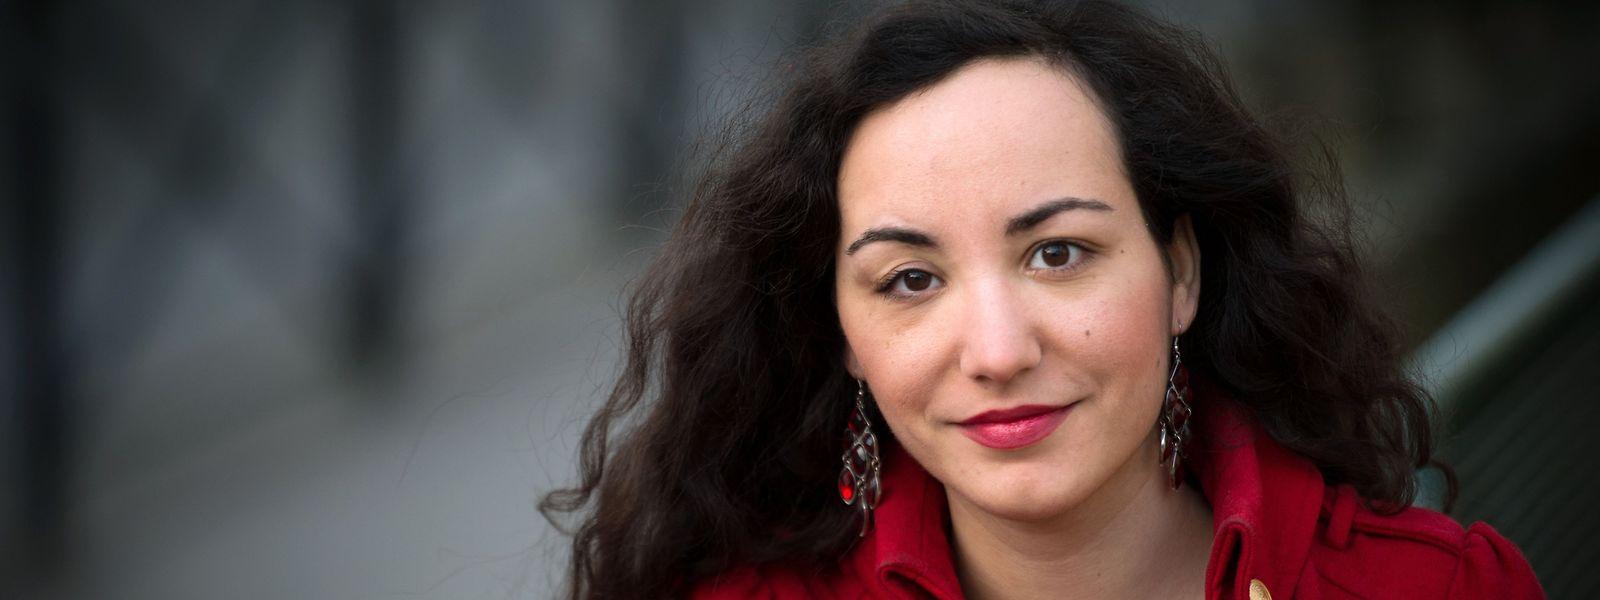 """In ihrem Roman """"Pandorini""""erzählt Florence Porcel über ihre persönlichen Erfahrungen. Sie klagt den prominenten Fernsehjournalisten Patrice Poivre d'Arvor offen an."""